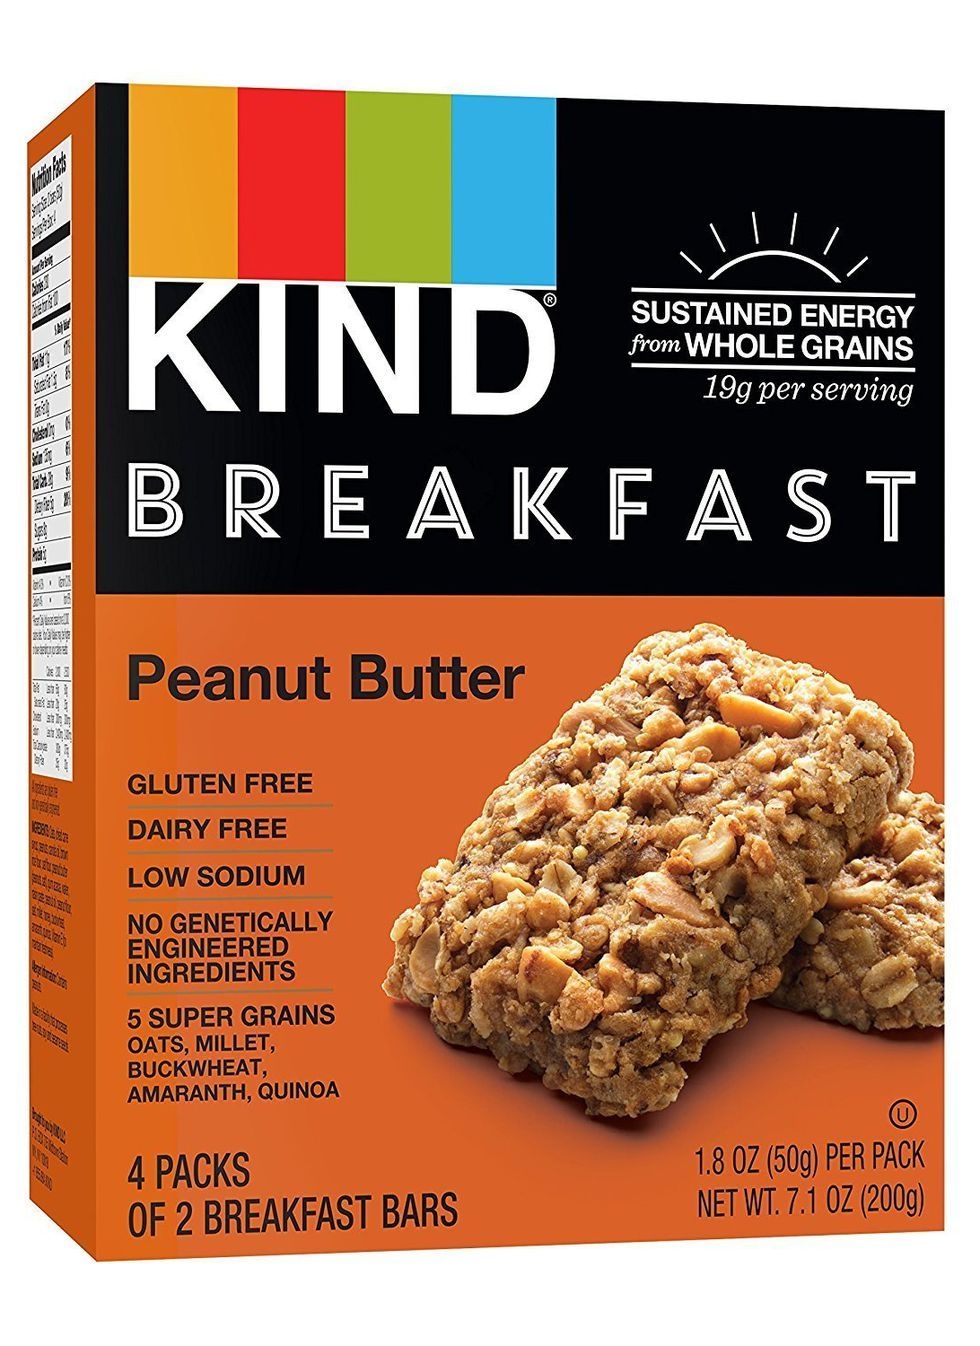 The 25 Best Breakfast Bars To Fuel Busy Mornings Kind Breakfast Bar Gluten Free Peanut Butter Peanut Butter Breakfast Bar